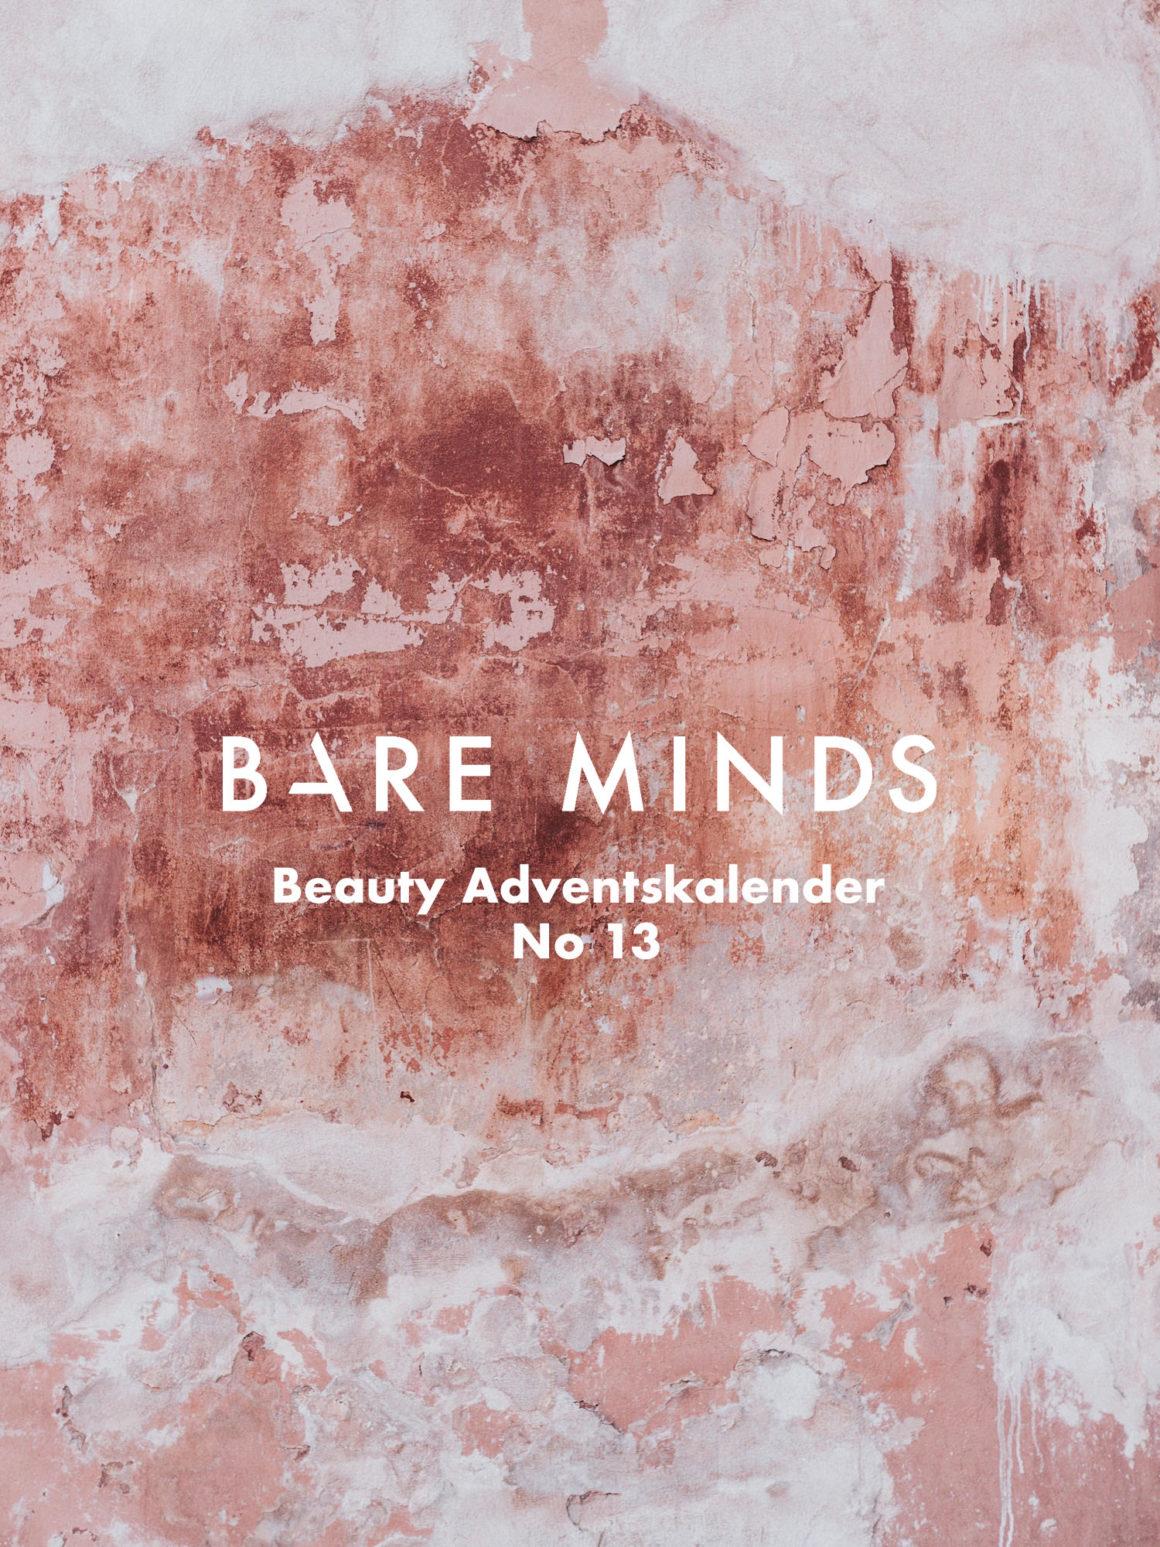 Bare Minds Beauty Adventskalender pawel-czerwinski-1157019-unsplash Kopie